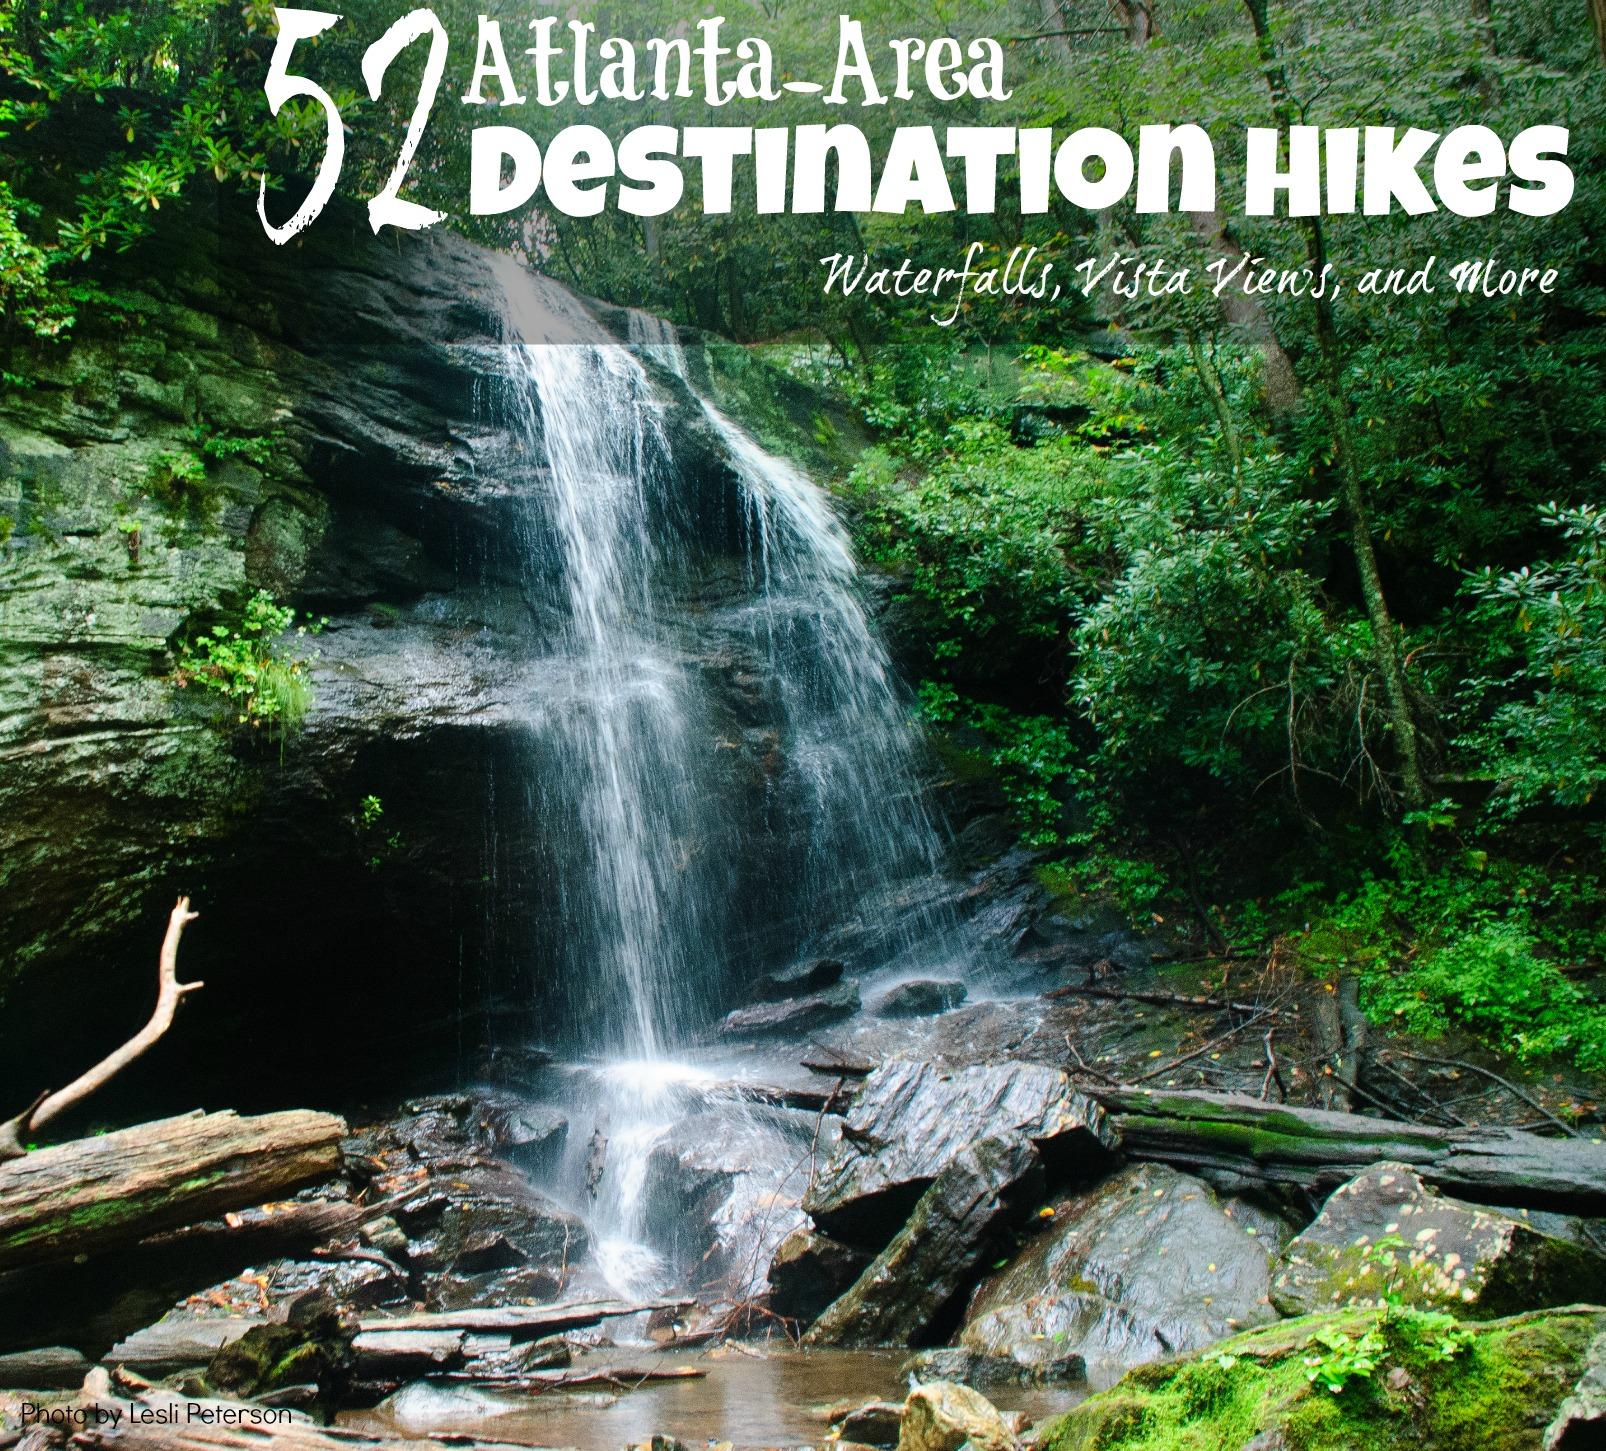 destination hikes from atlanta waterfalls views scenic hikes from 365 Atlanta Family